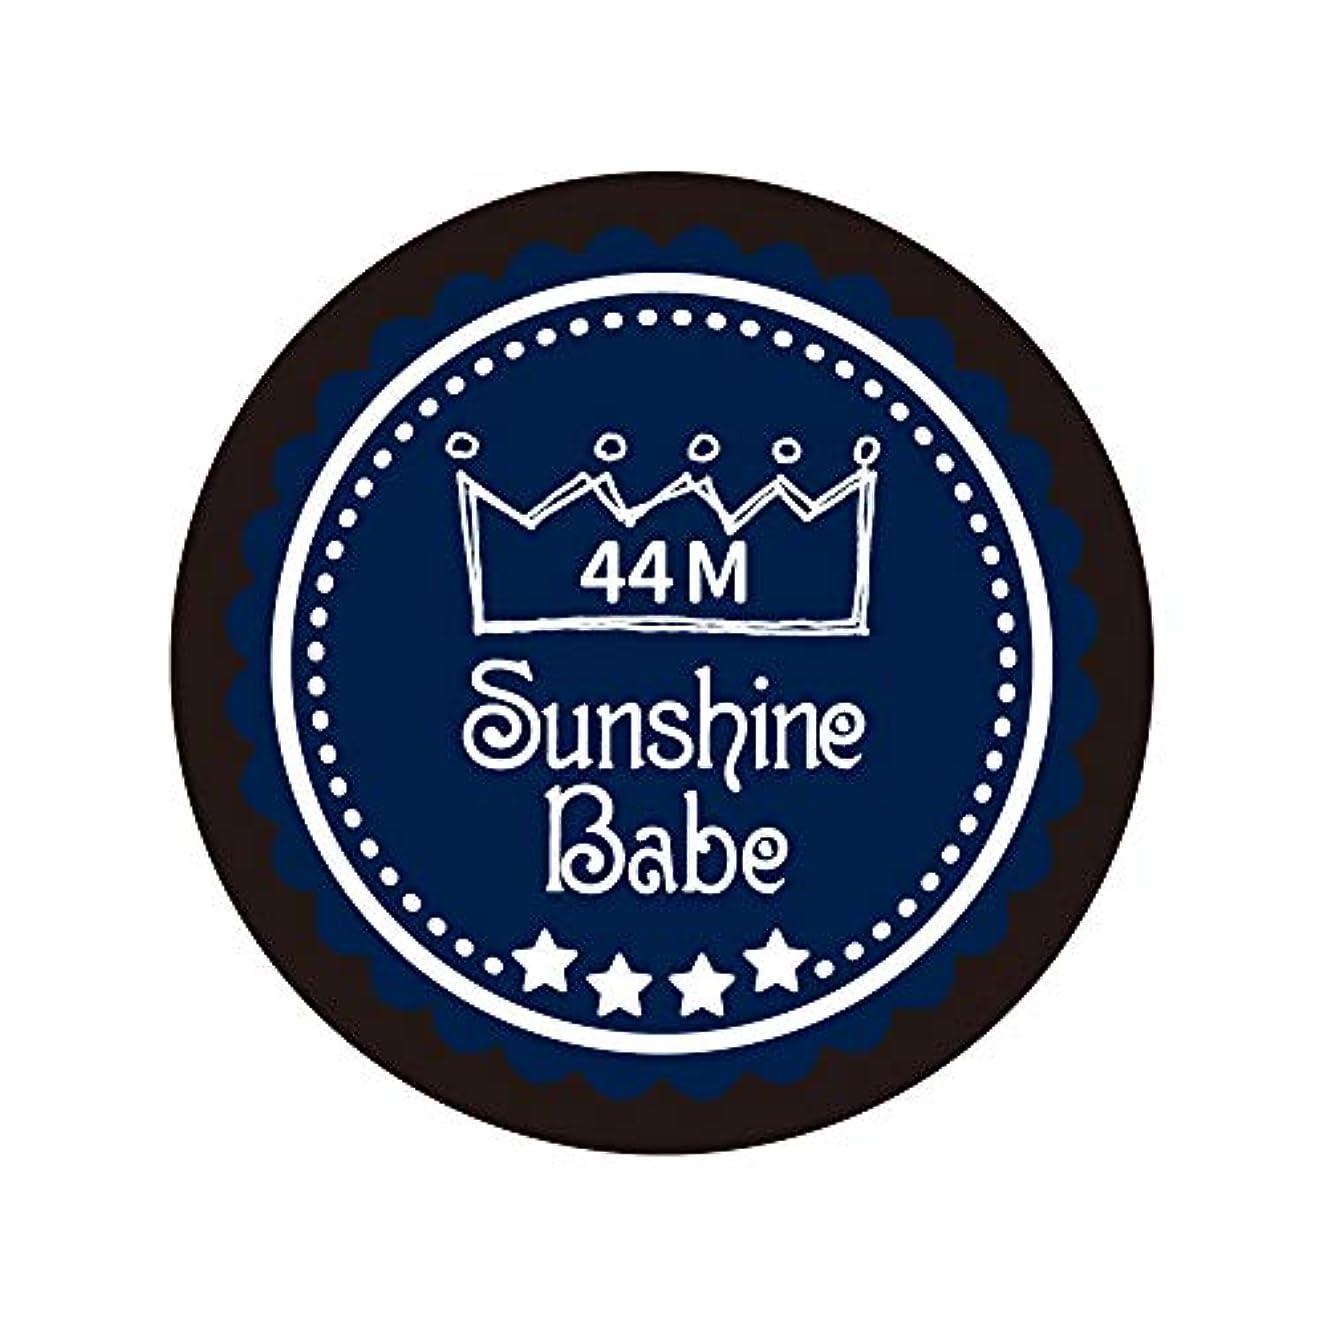 広がり魅惑するメタリックSunshine Babe カラージェル 44M クラシックネイビー 2.7g UV/LED対応